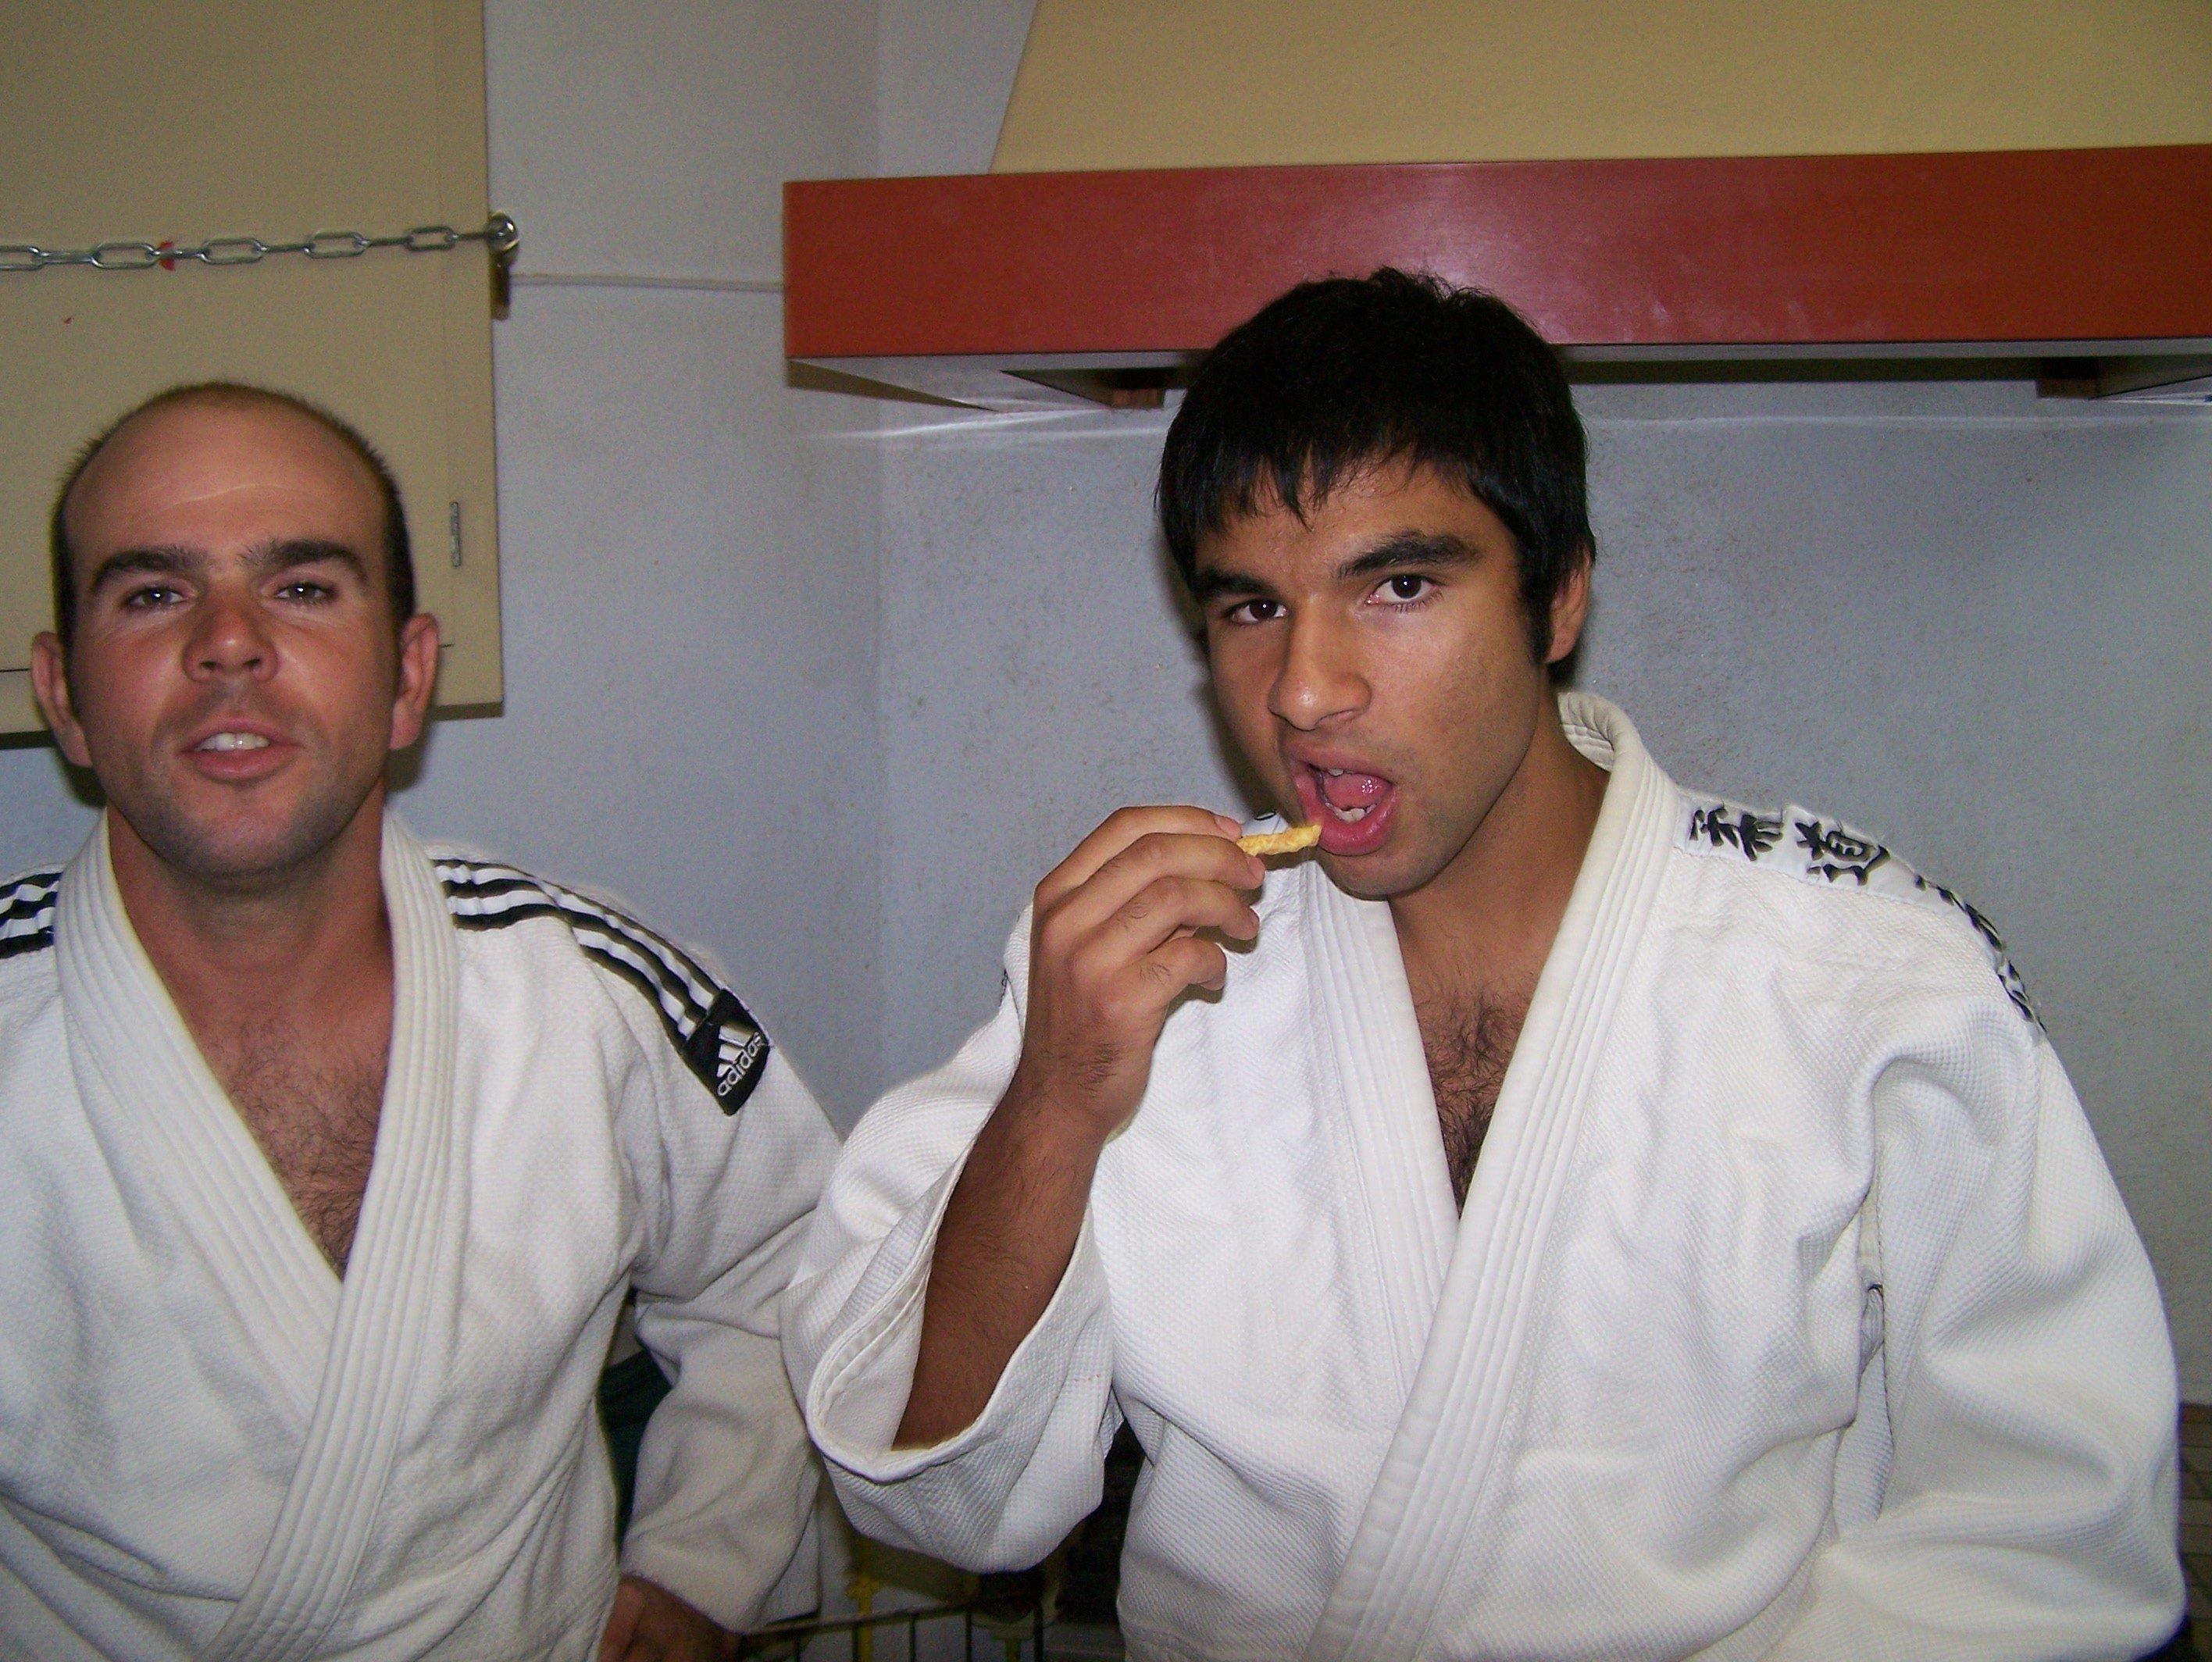 Dans les vestiaires, le 09.10.2009, avec Boris et Florian.